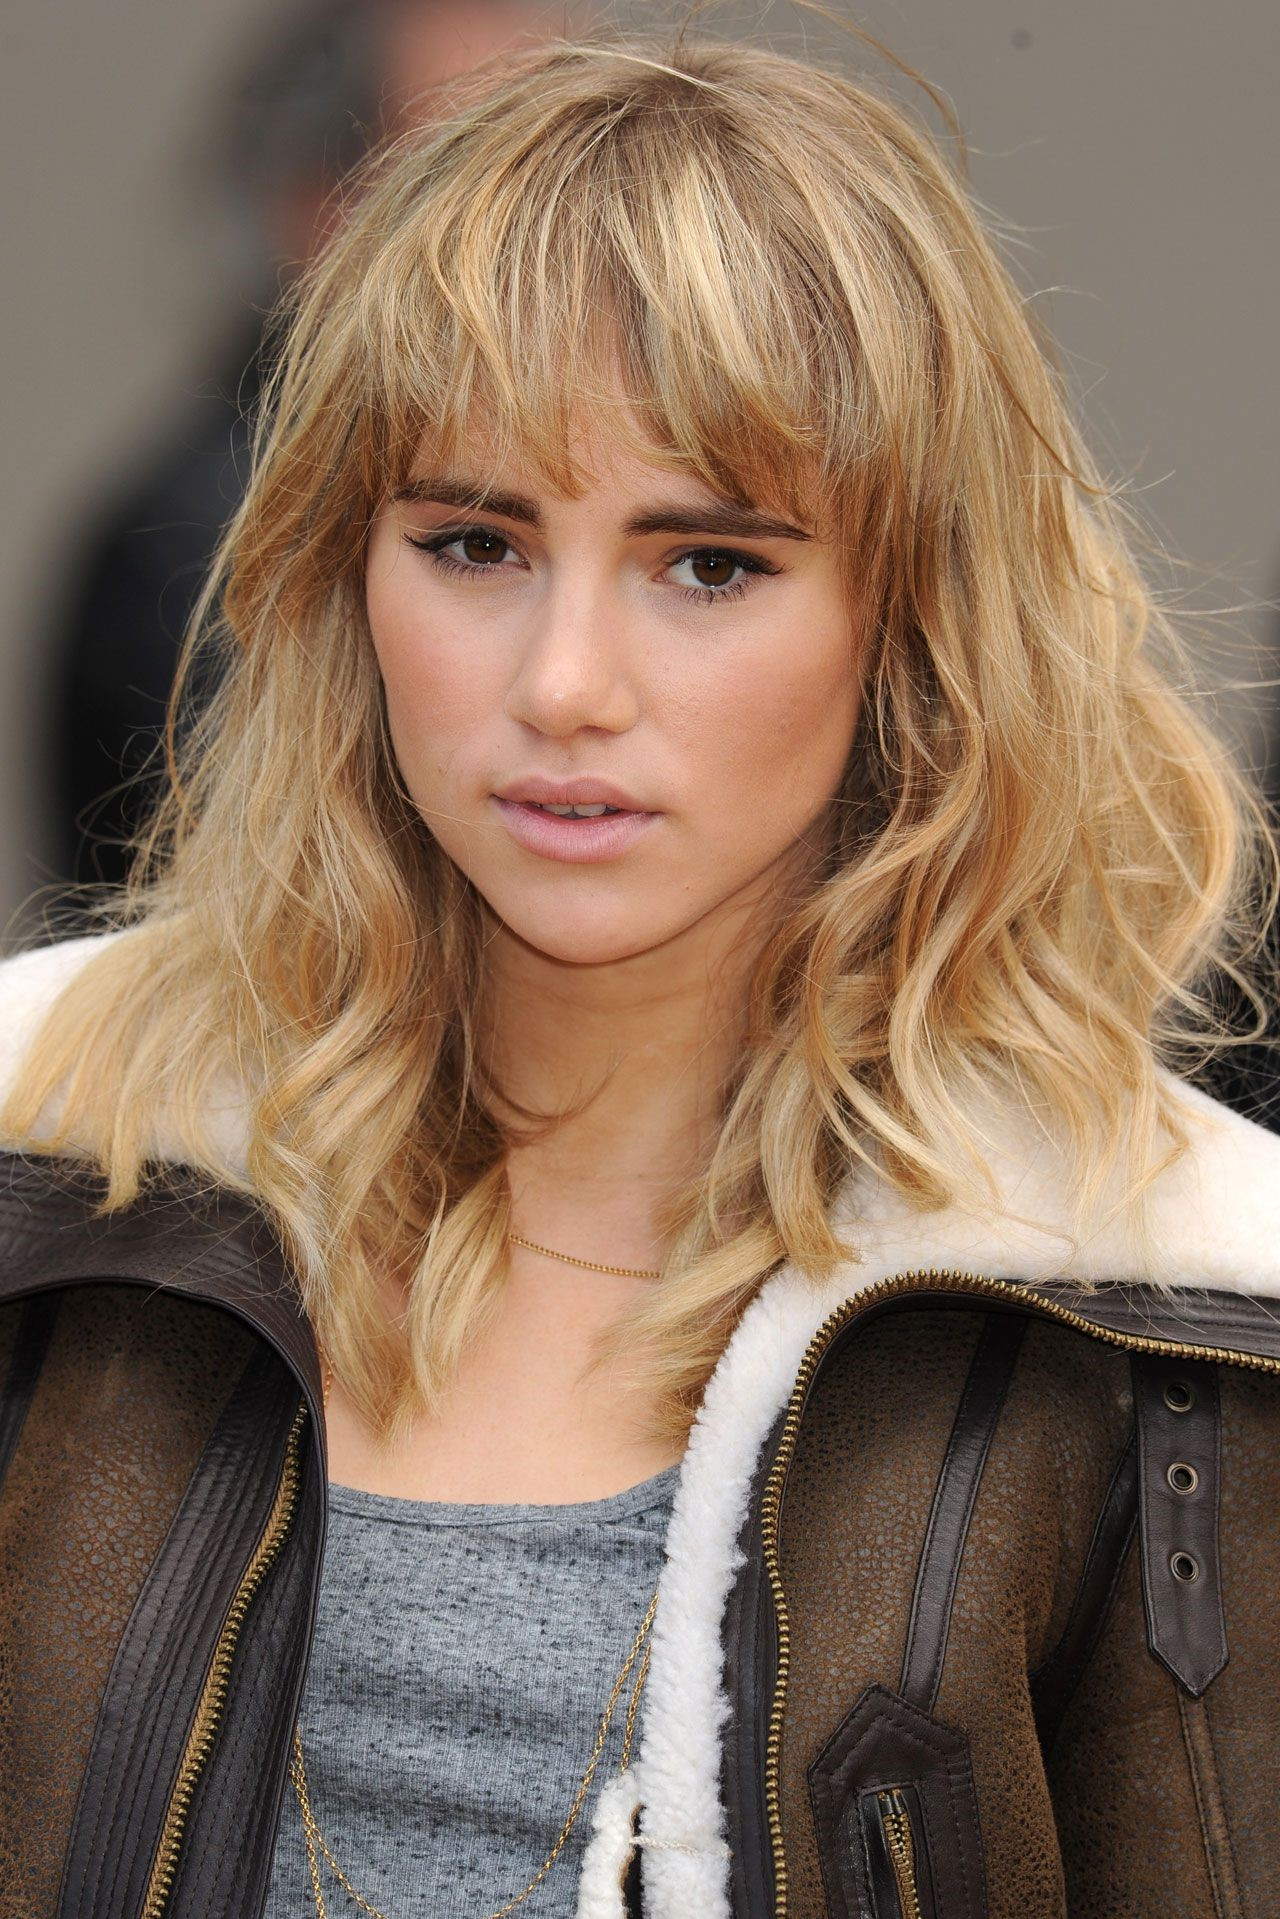 Cette coiffure a l'air chic sur les cheveux raides ou ondulés.